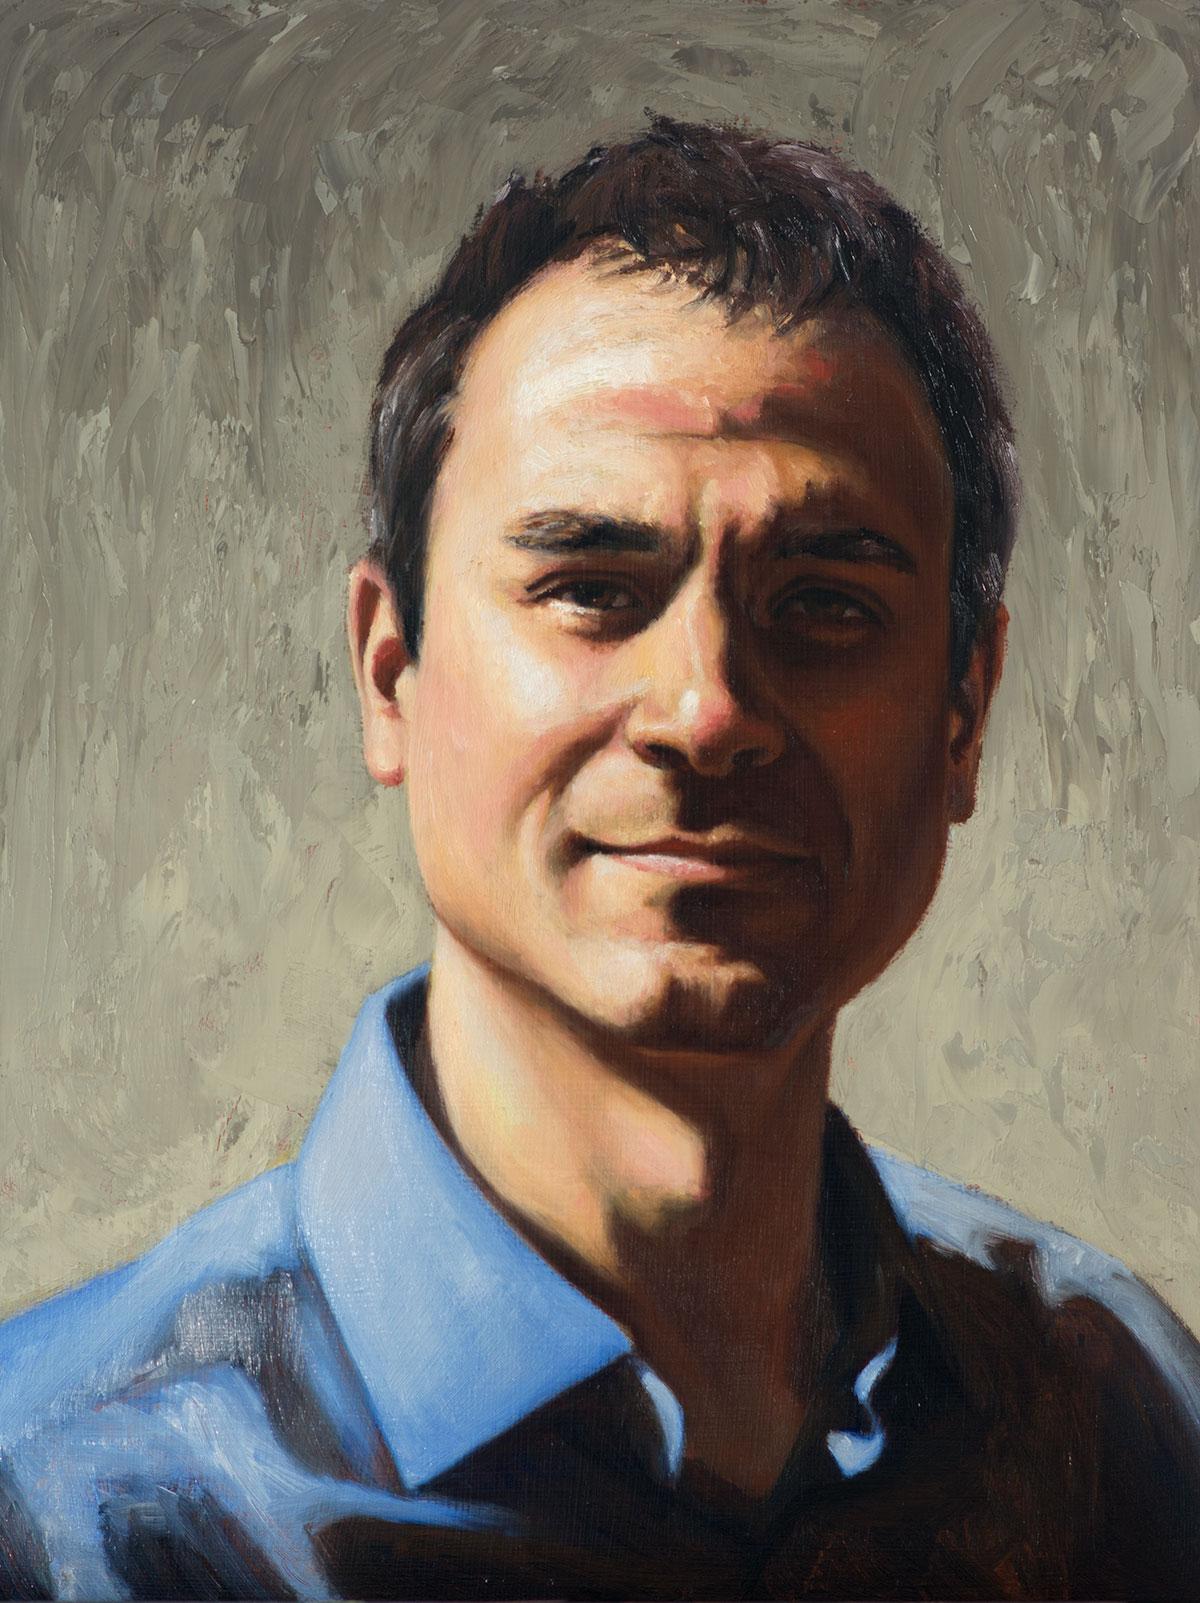 Paul (in progress)